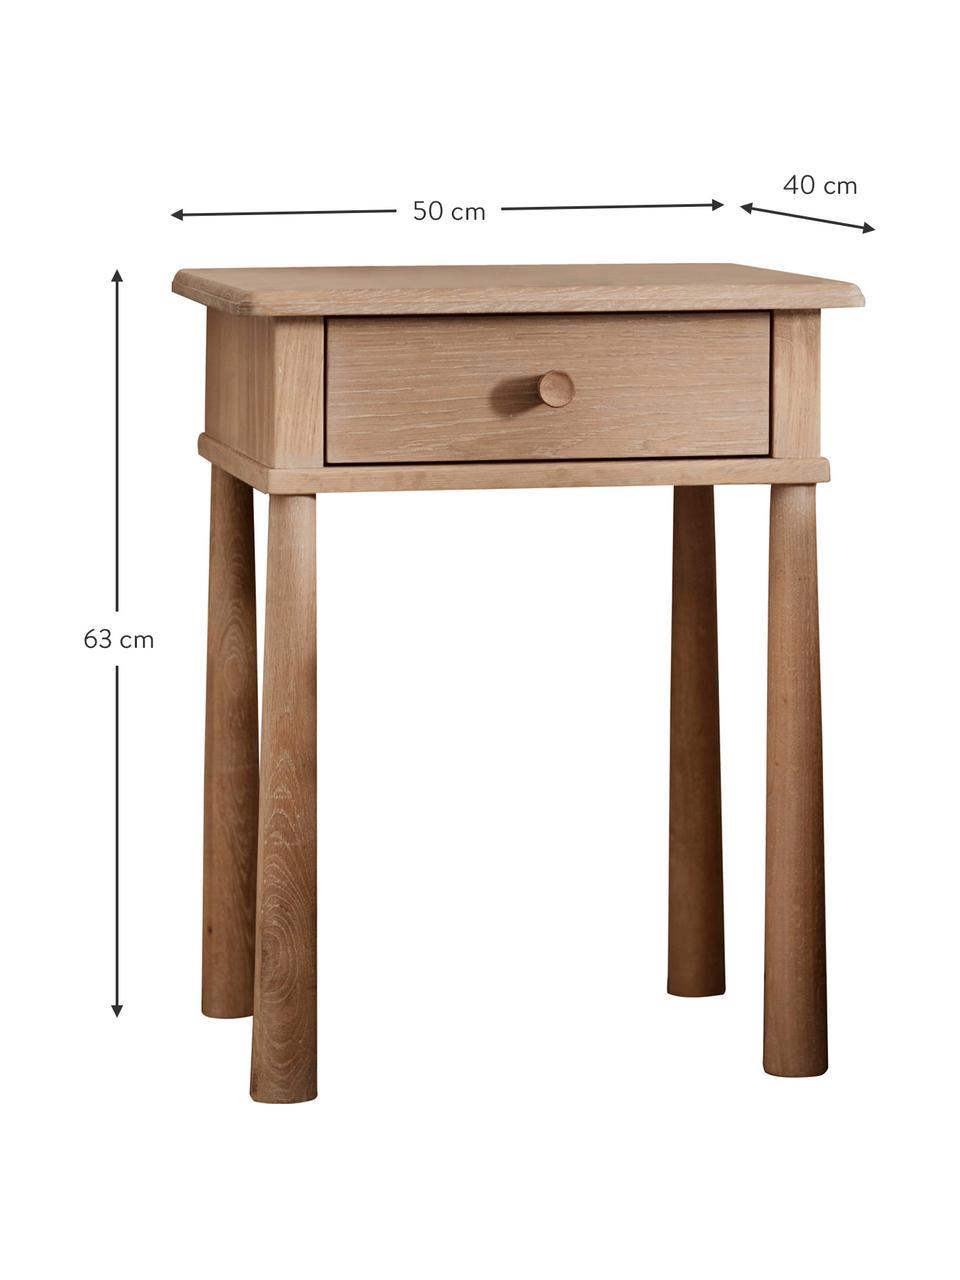 Table de chevet en chêne Wycombe, Bois de chêne